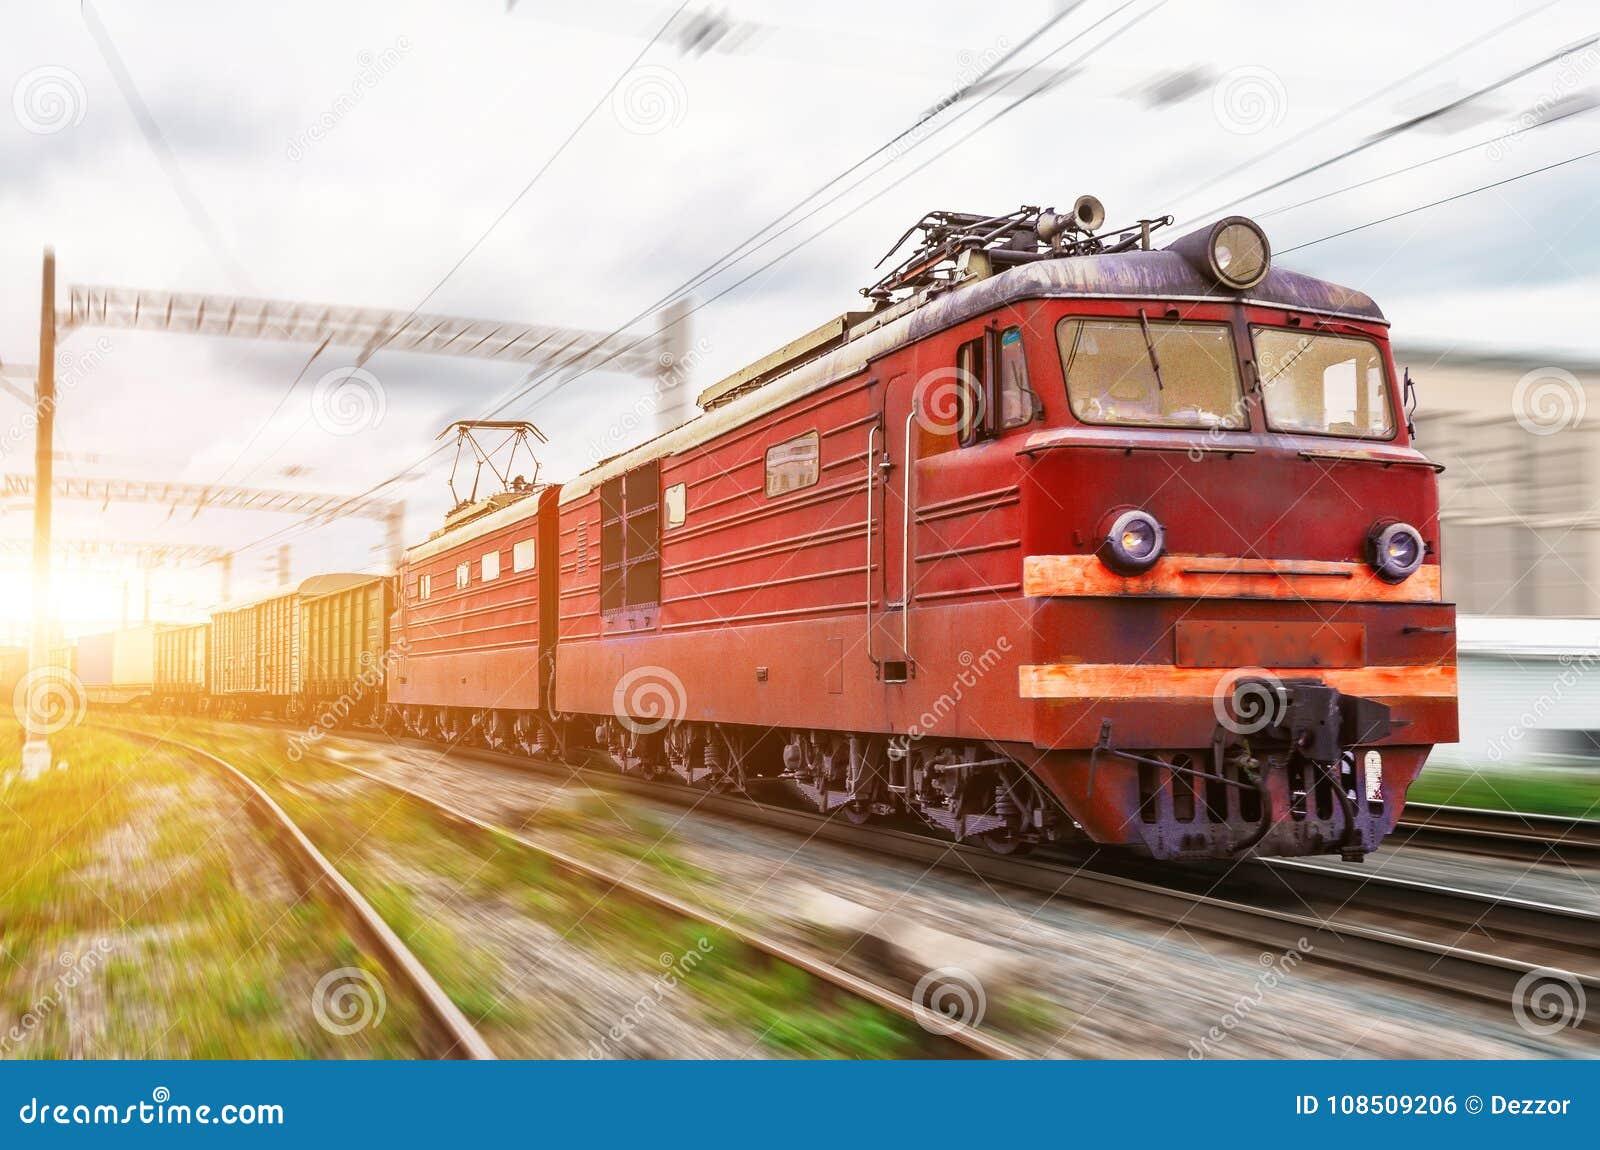 Den röda rörliga elkraften med ett fraktdrev på den hög hastigheten rider vid stången